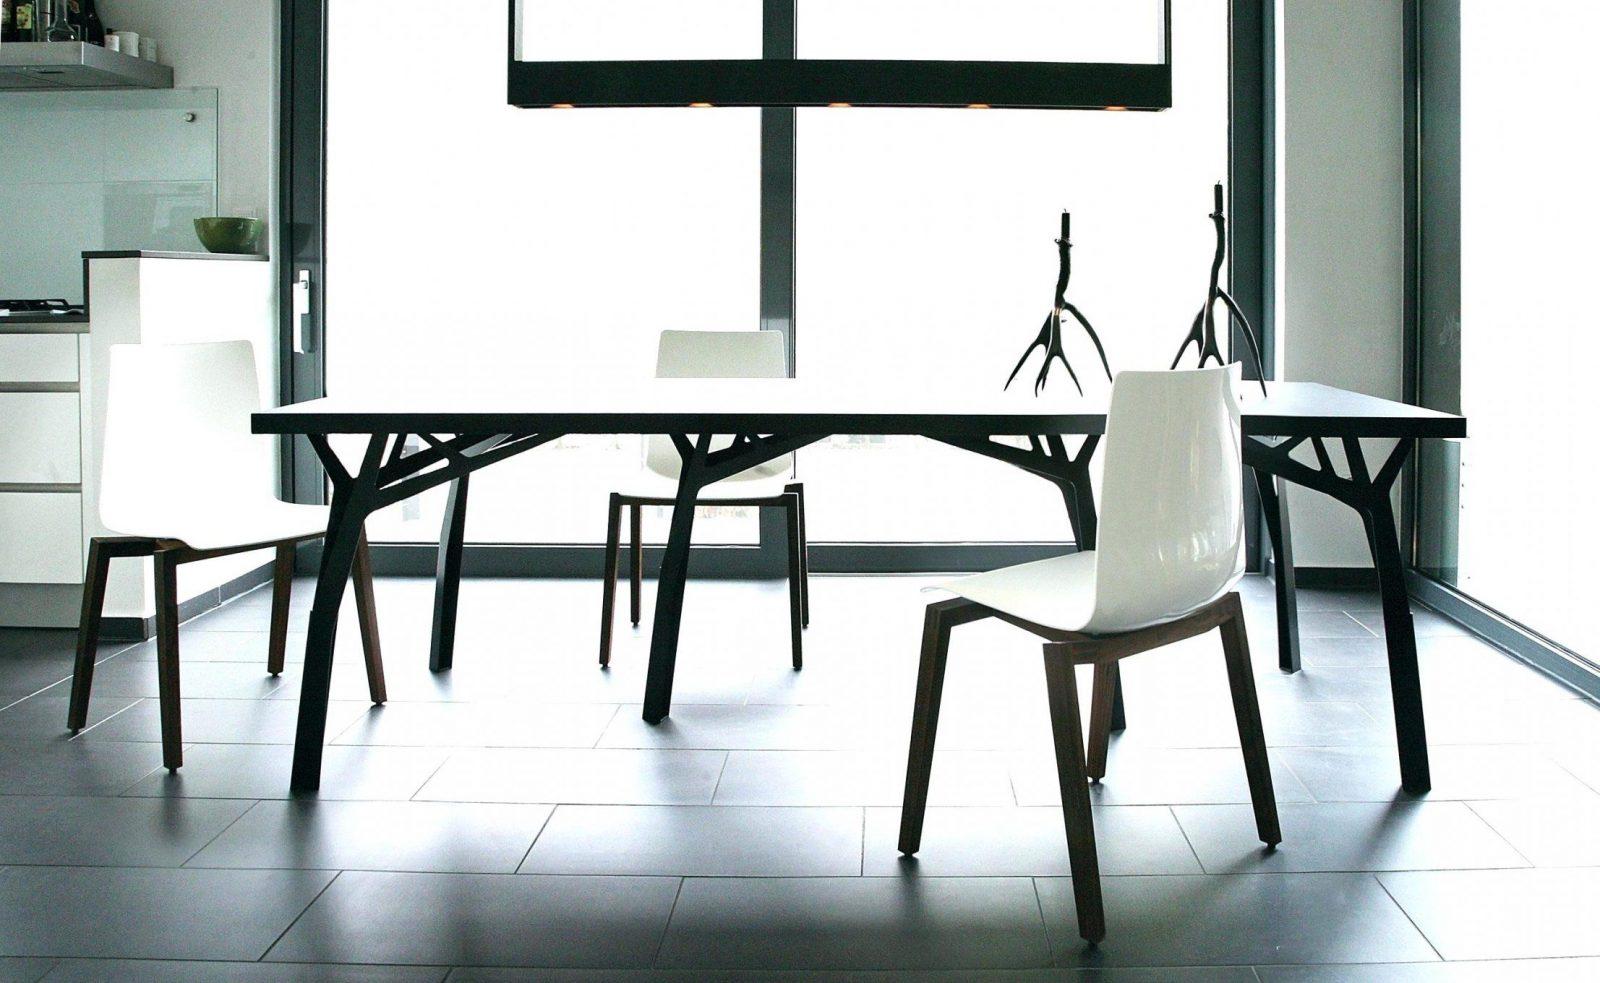 Gebrauchte Tische Und Stühle Für Gastronomie Fresh Top Ergebnis 50 von Tische Und Stühle Für Gastronomie Gebraucht Photo